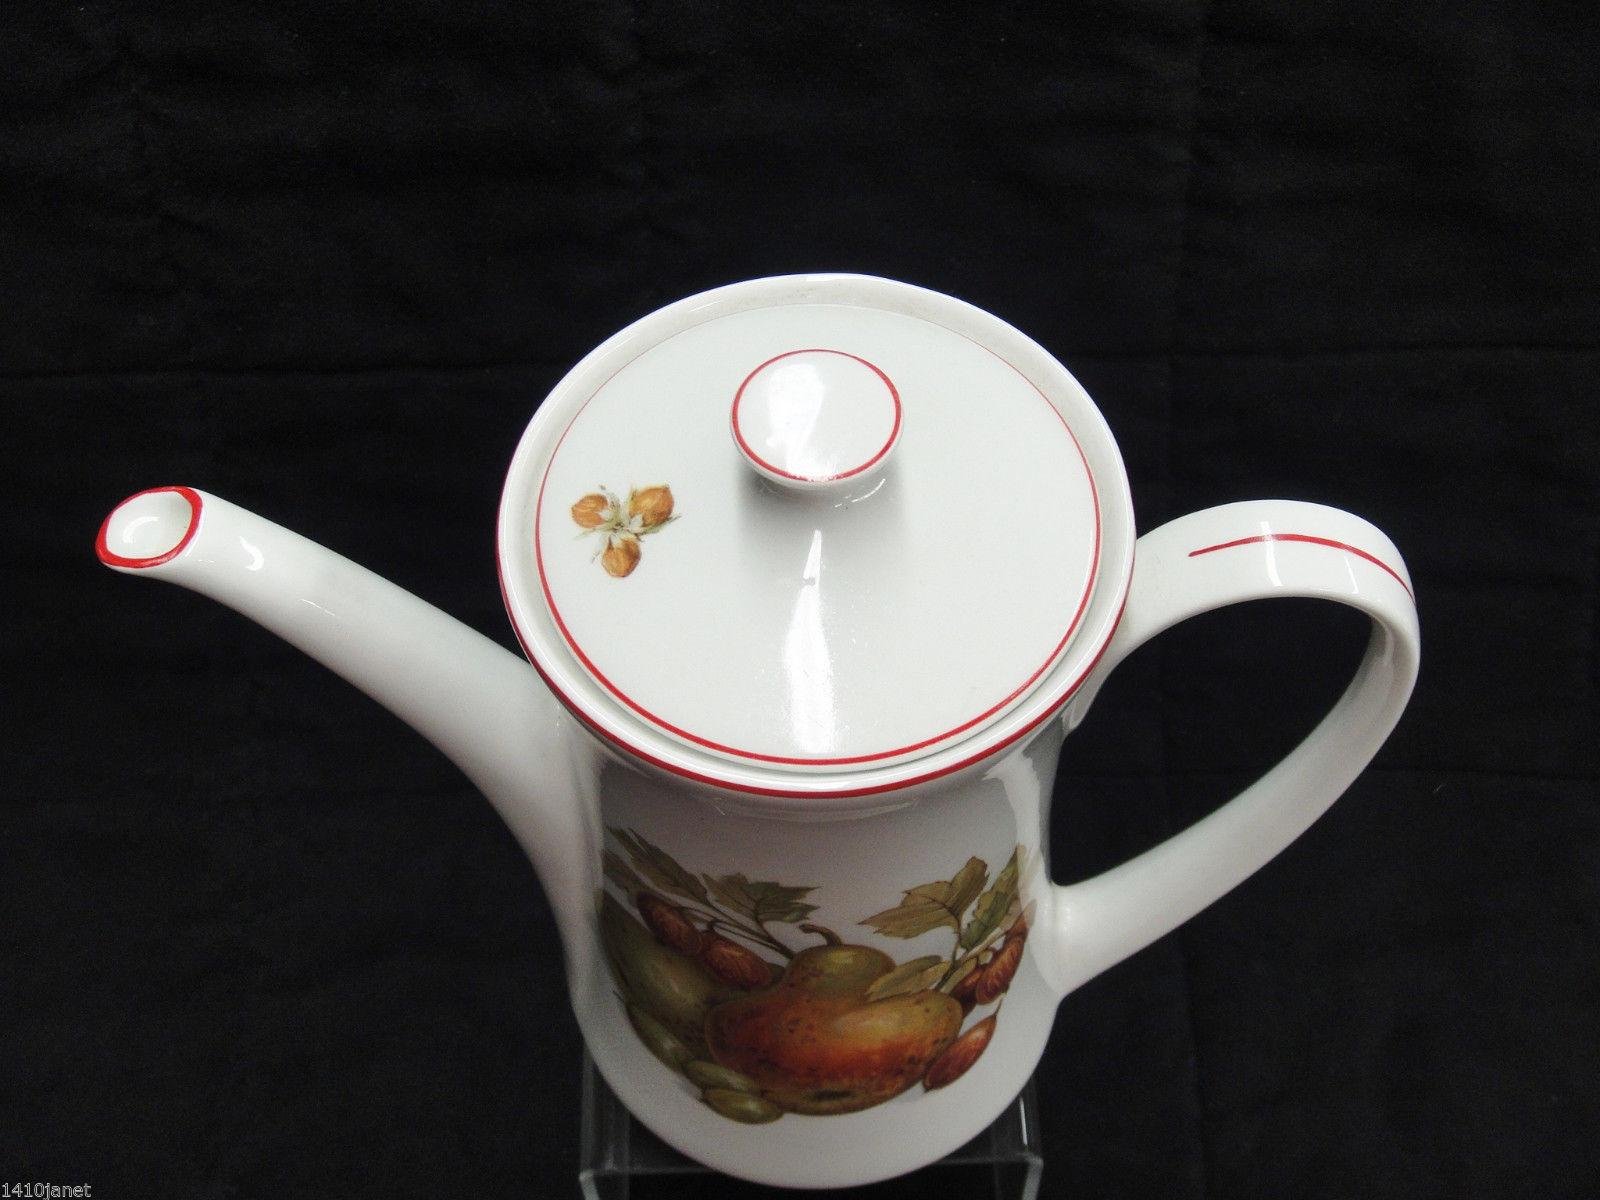 Pontesa Spain Four Cup Coffee Set Pot Sugar and Creamer Fruit Design Red Trim image 5